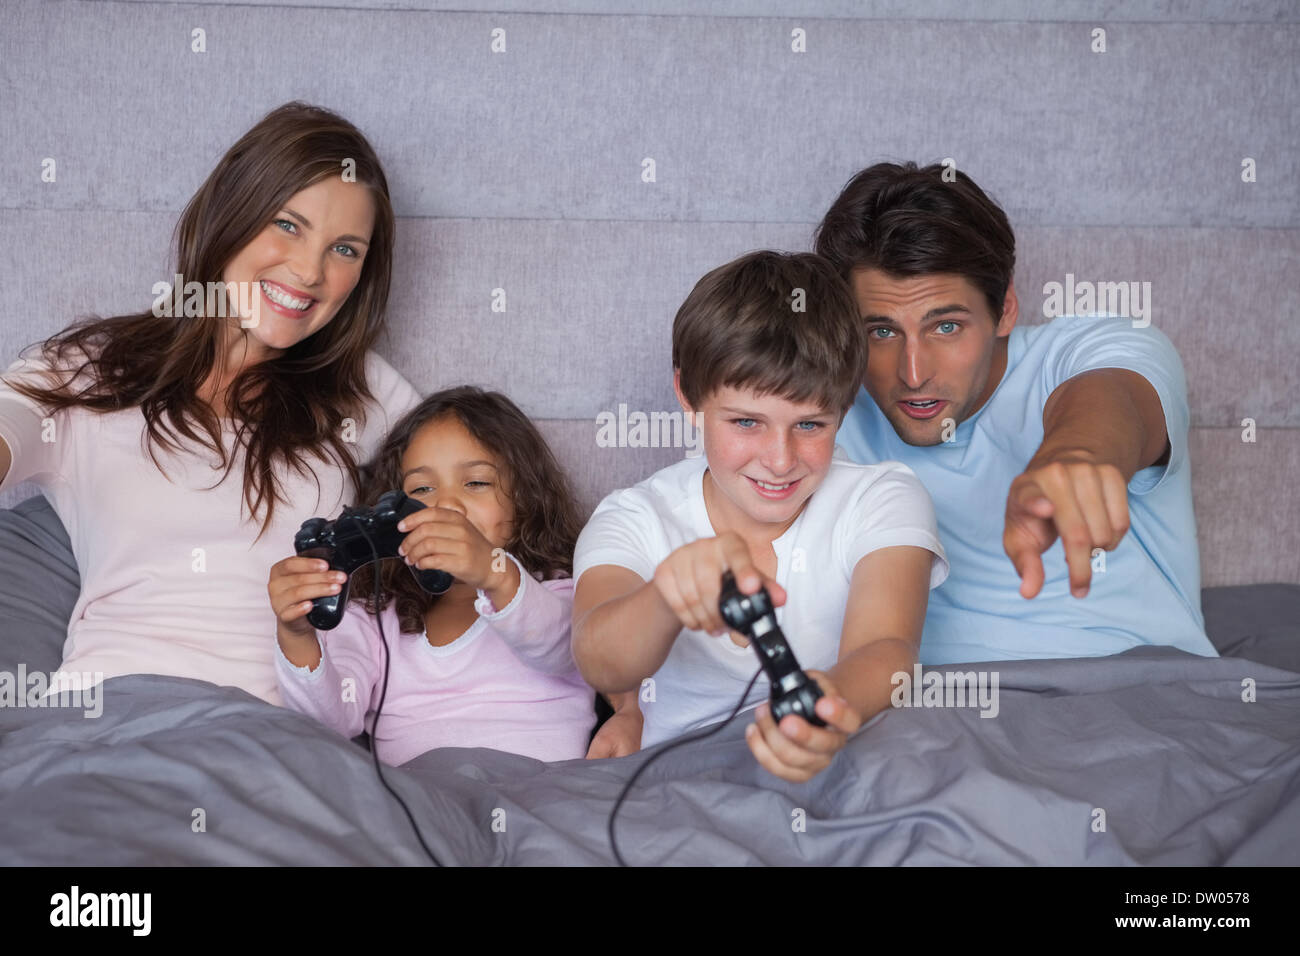 Familia feliz jugando juegos de video Imagen De Stock